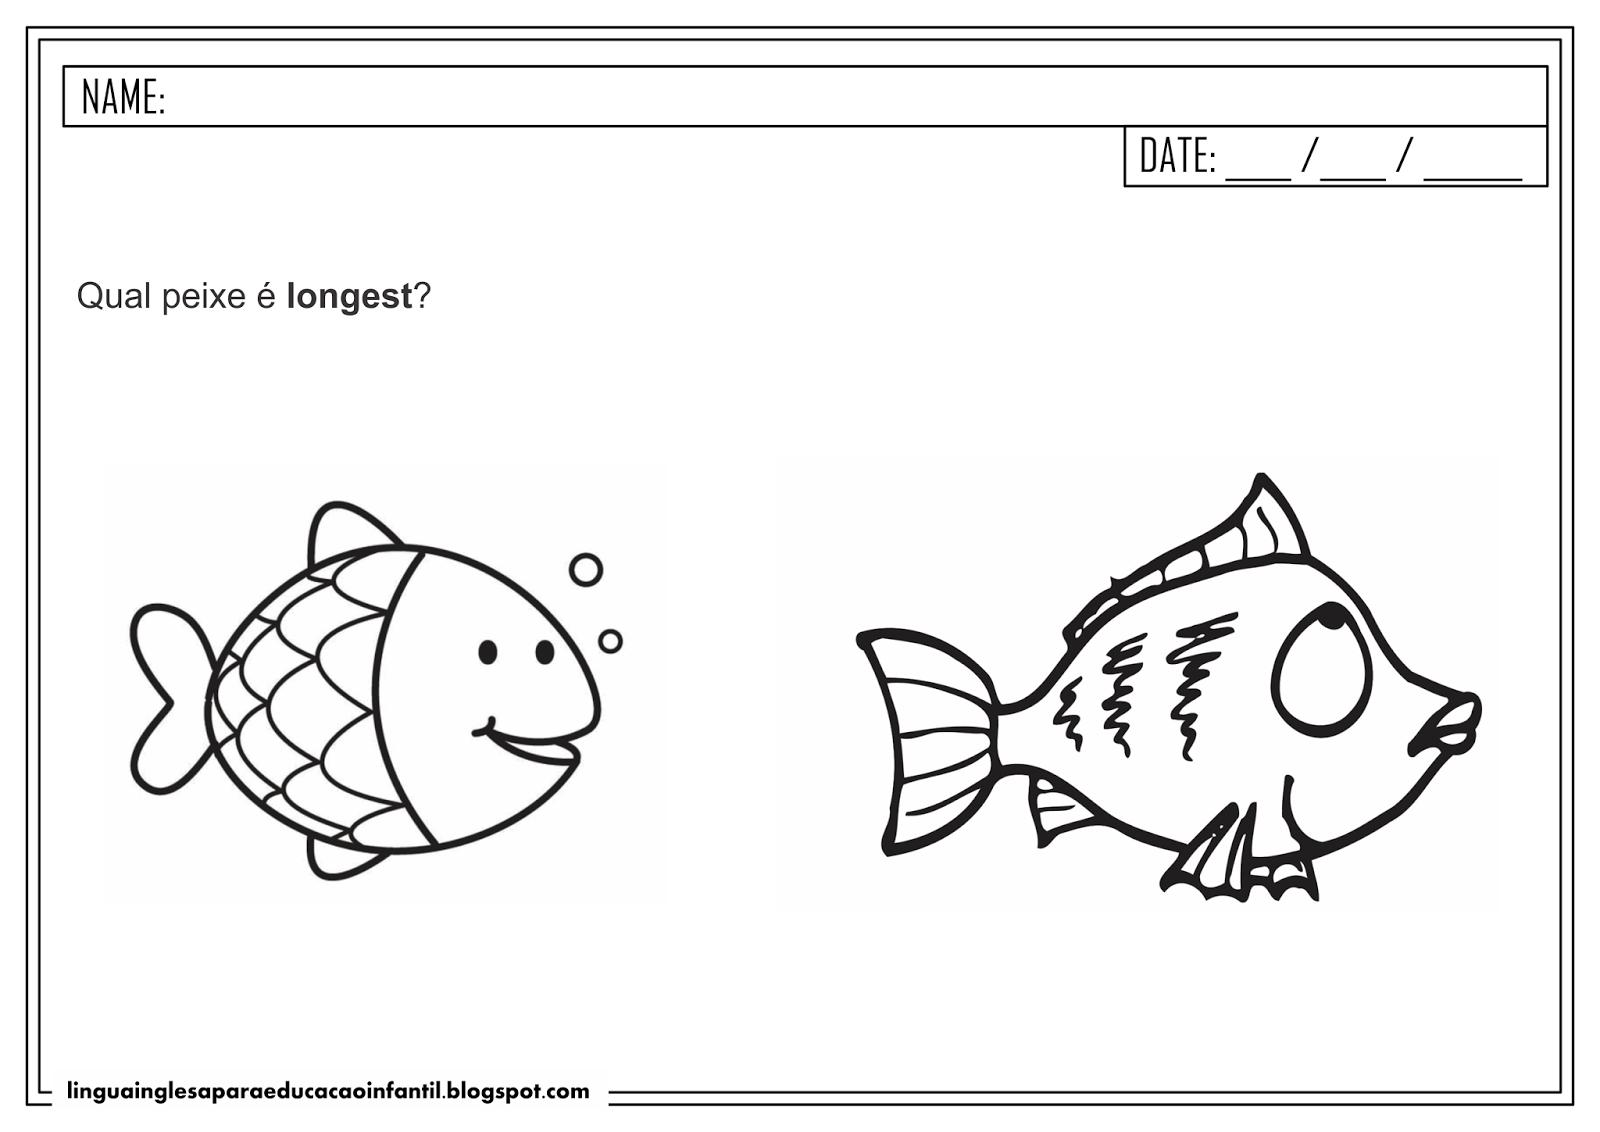 Atividade de Inglês - 'Short' e 'Long'